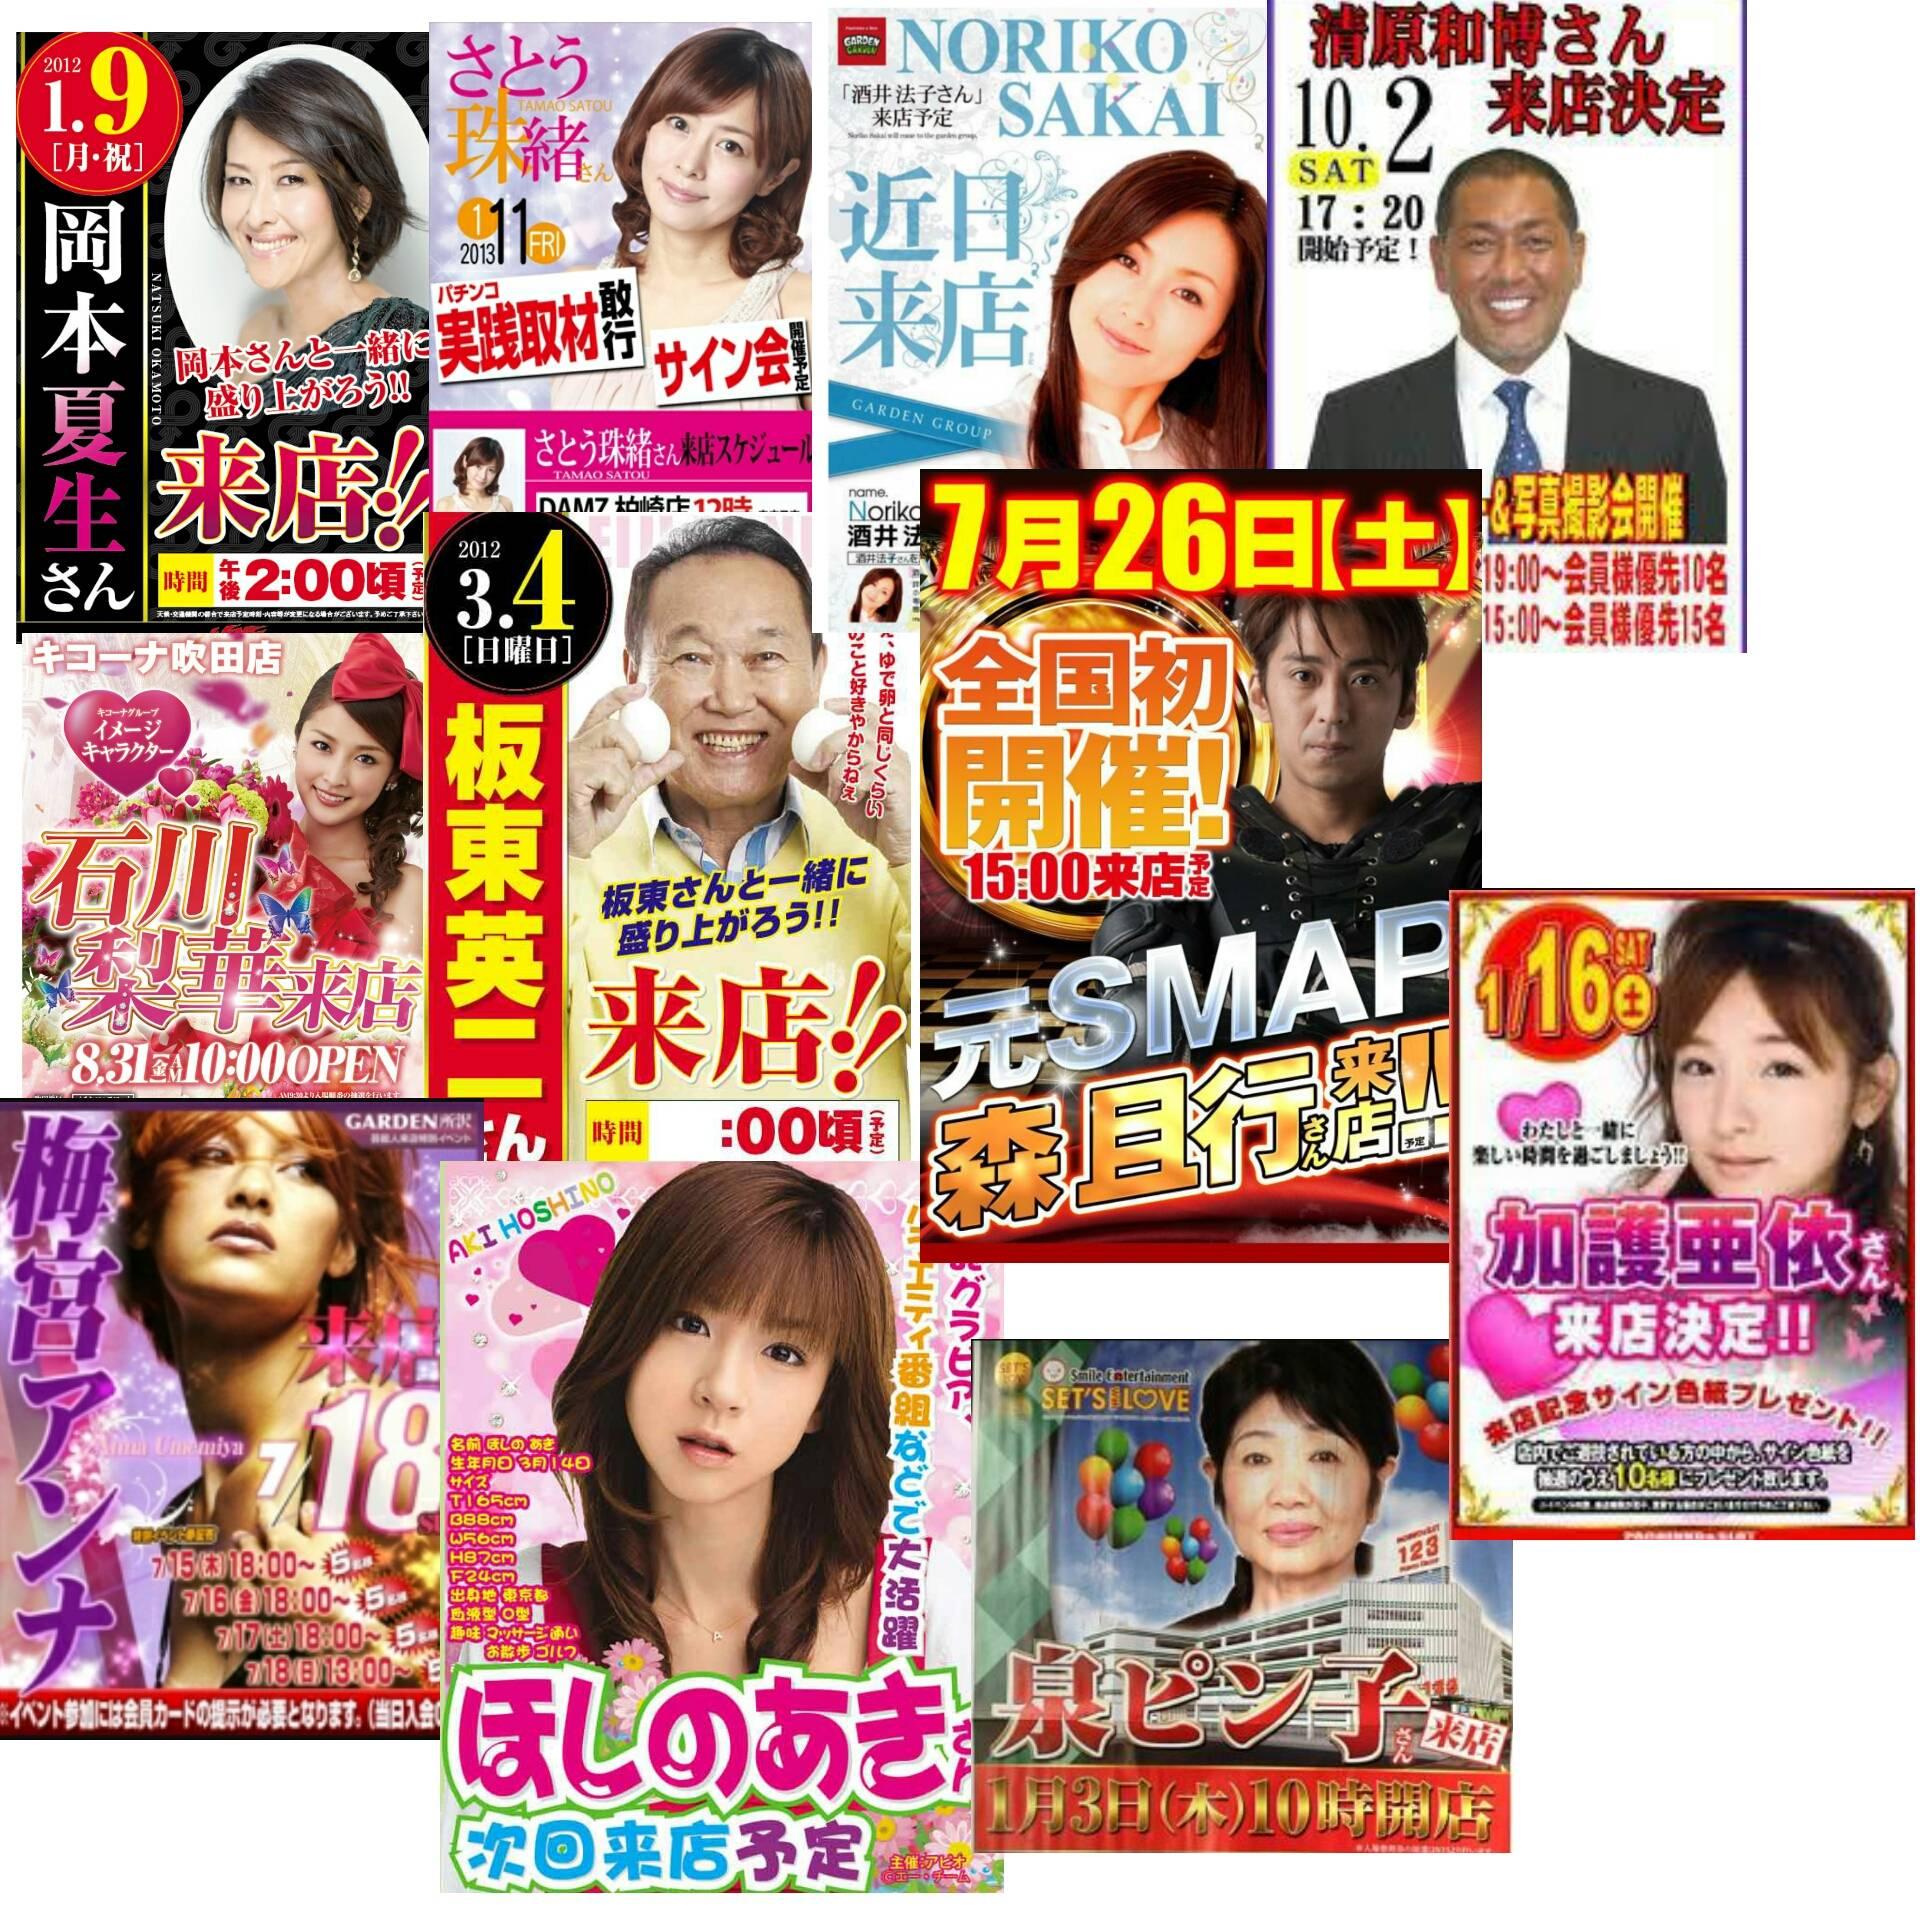 岡本夏生、さとう珠緒、酒井法子、清原和博、ほしのあき、梅宮アンナらパチンコ営業ポスター